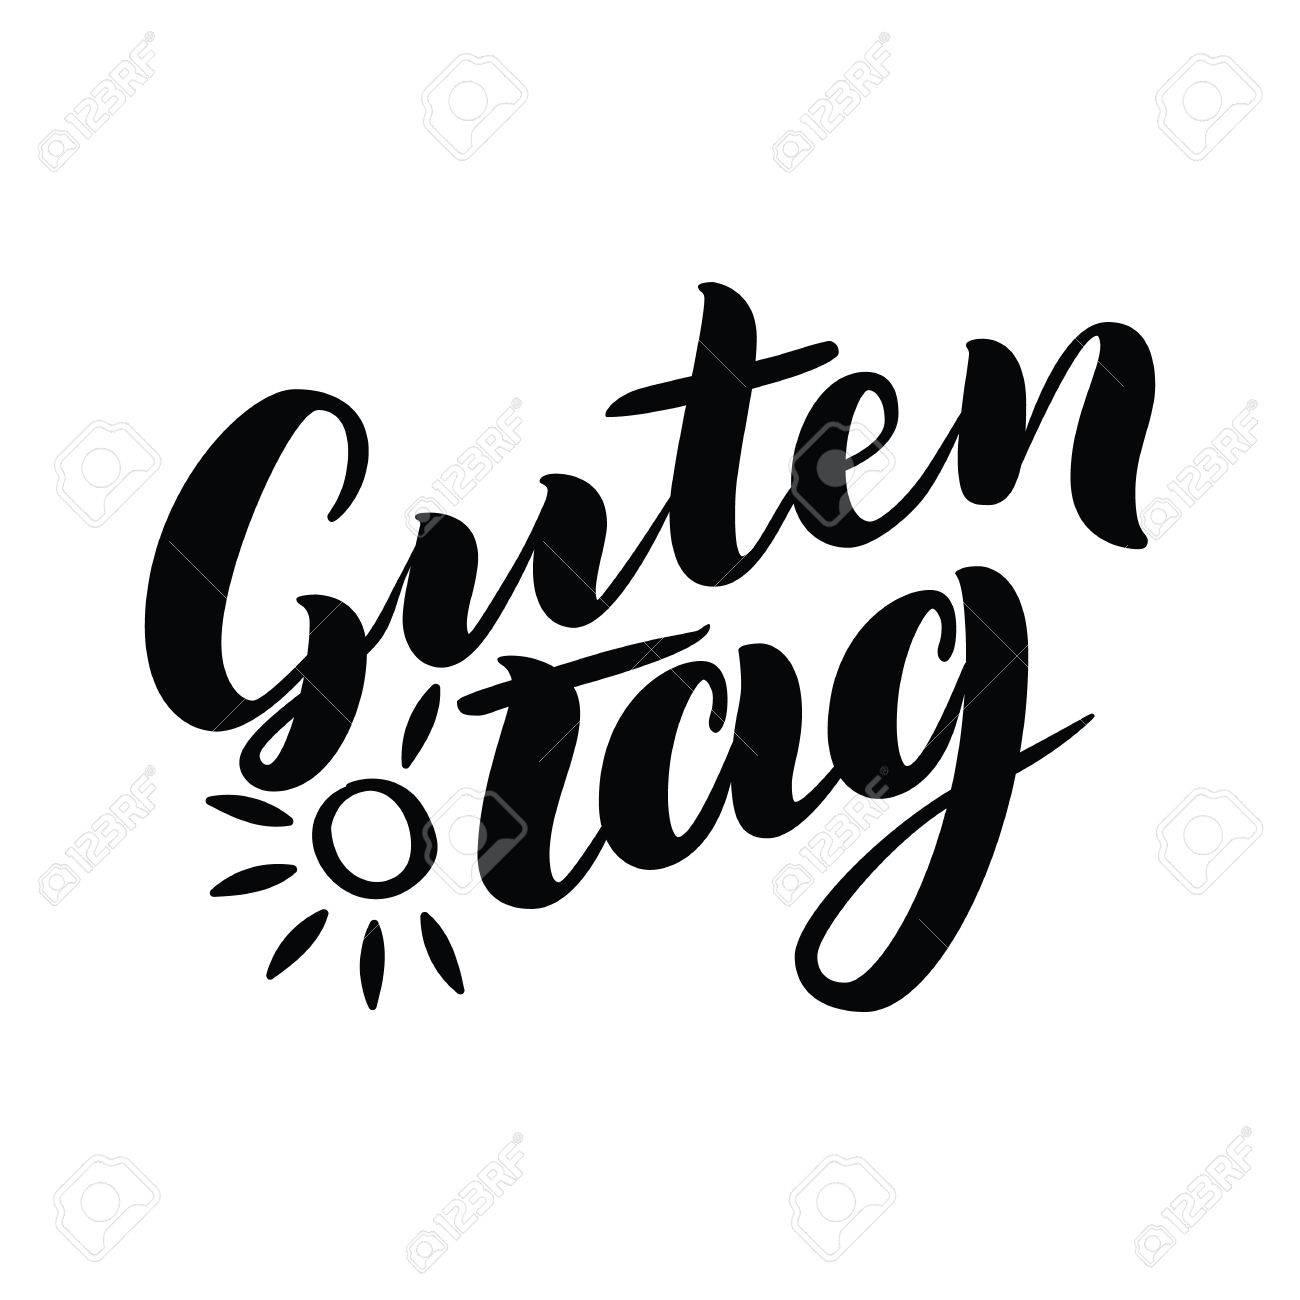 guten タグ。単語こんにちは、ドイツ語で良い一日。おしゃれな書道。太陽